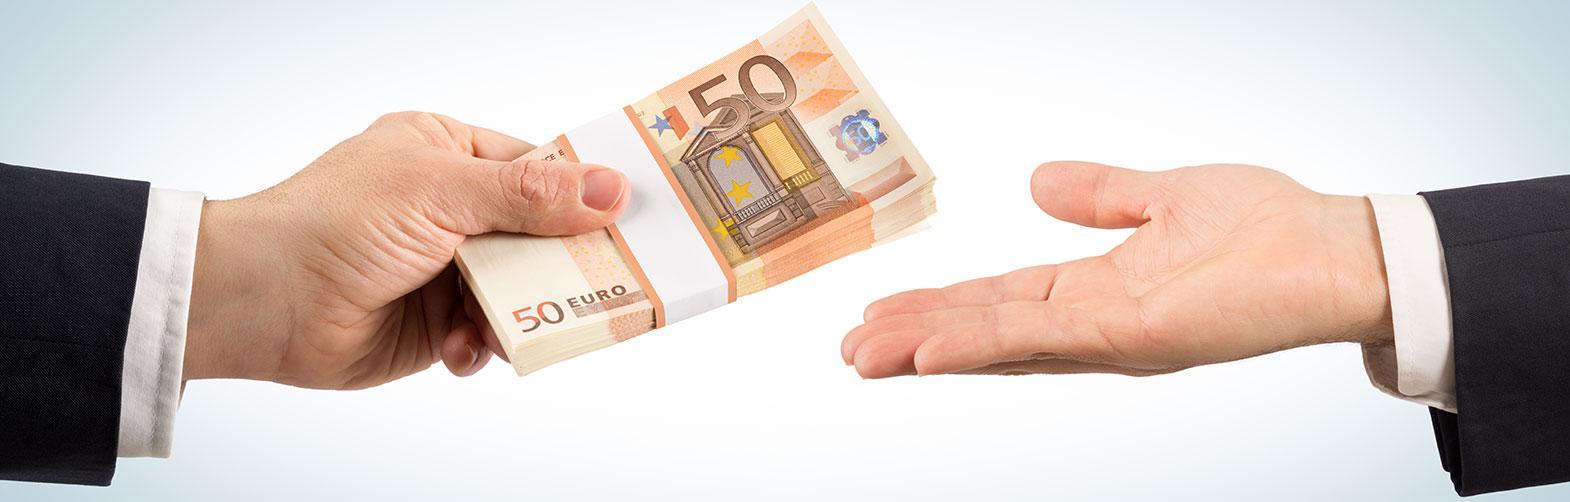 financielediensten4_0.jpg